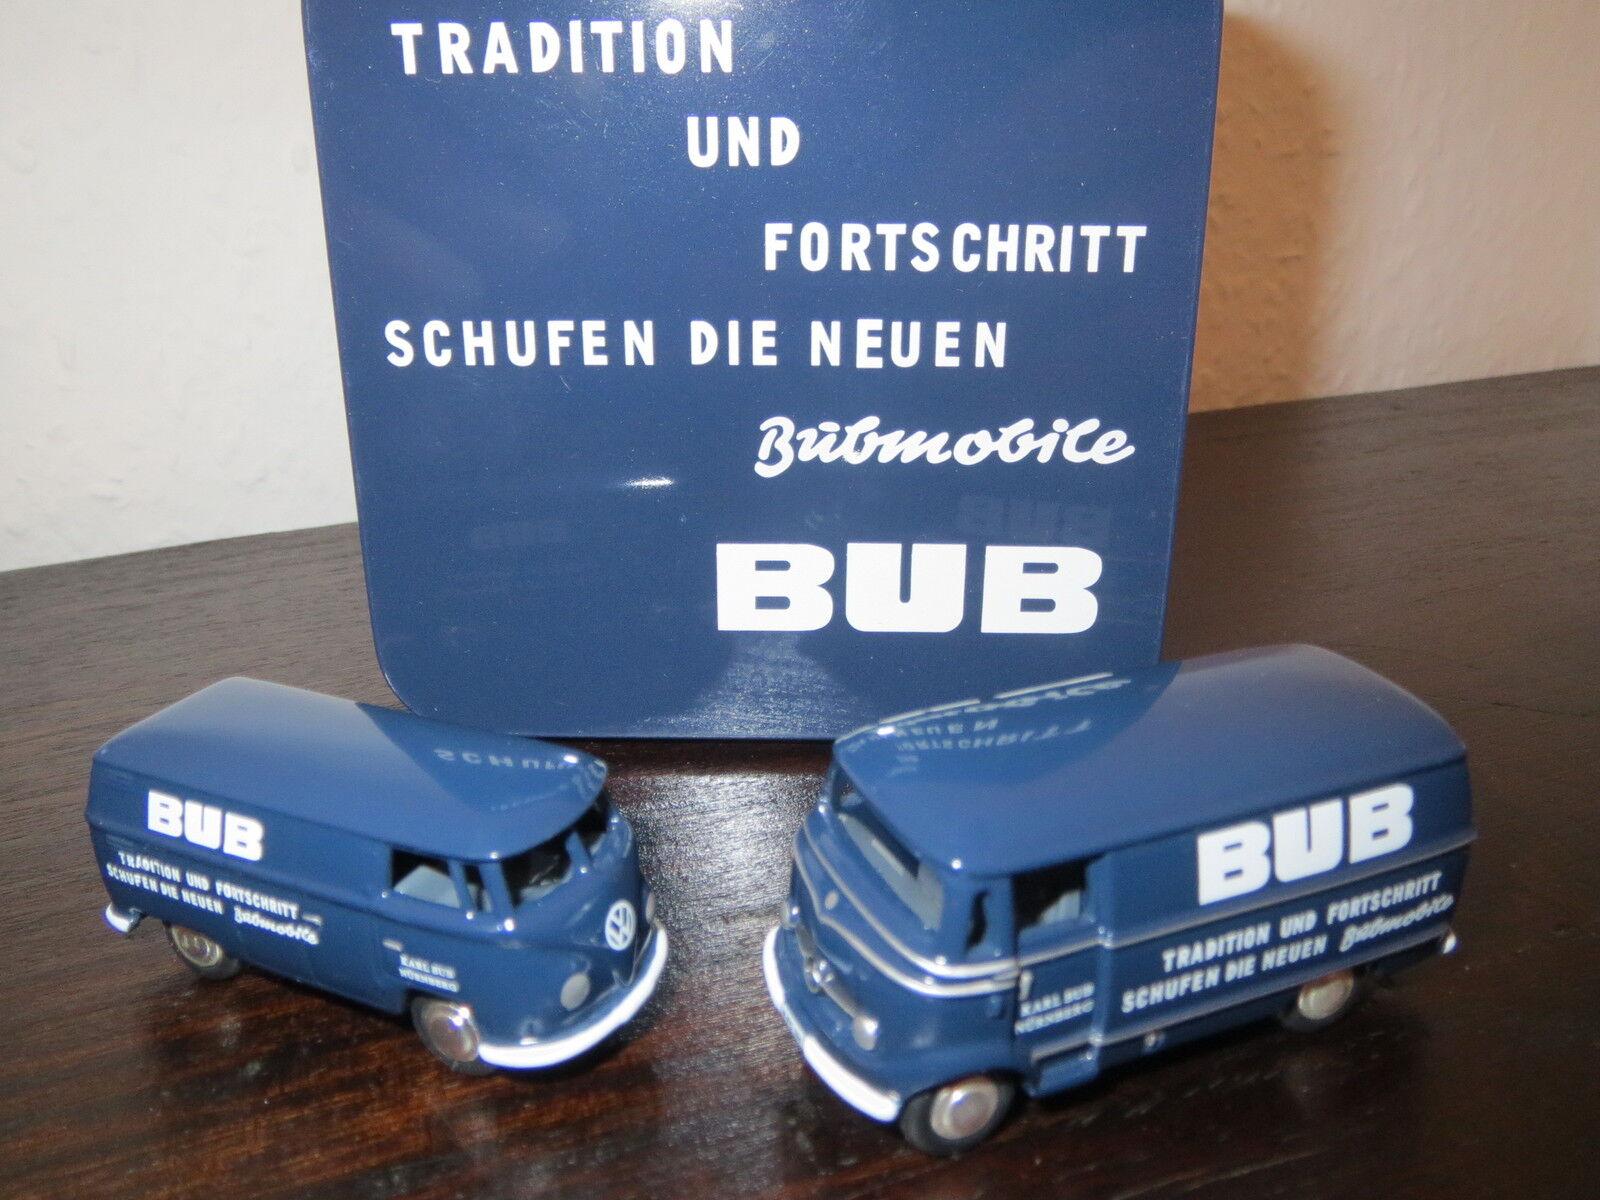 Bub tradizione e progresso speciale modelli MB l319 + VW BULLY, 1:87, come nuovo